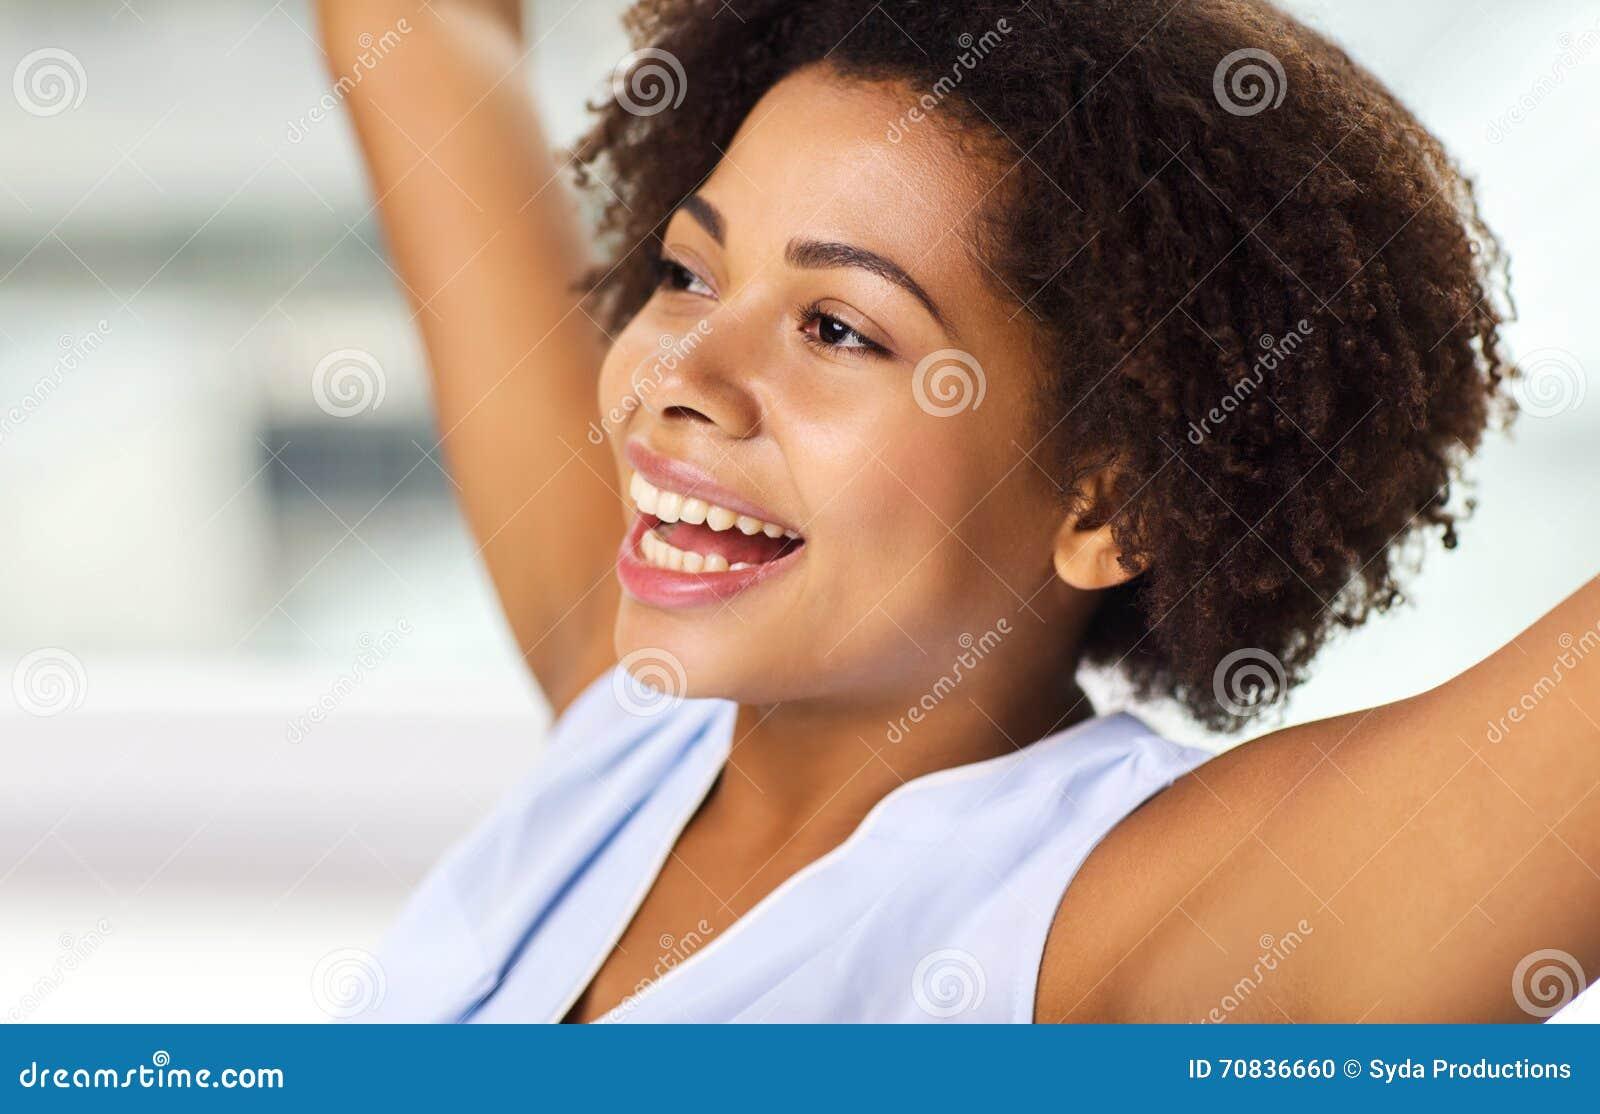 Gezicht van gelukkige Afrikaanse Amerikaanse jonge vrouw